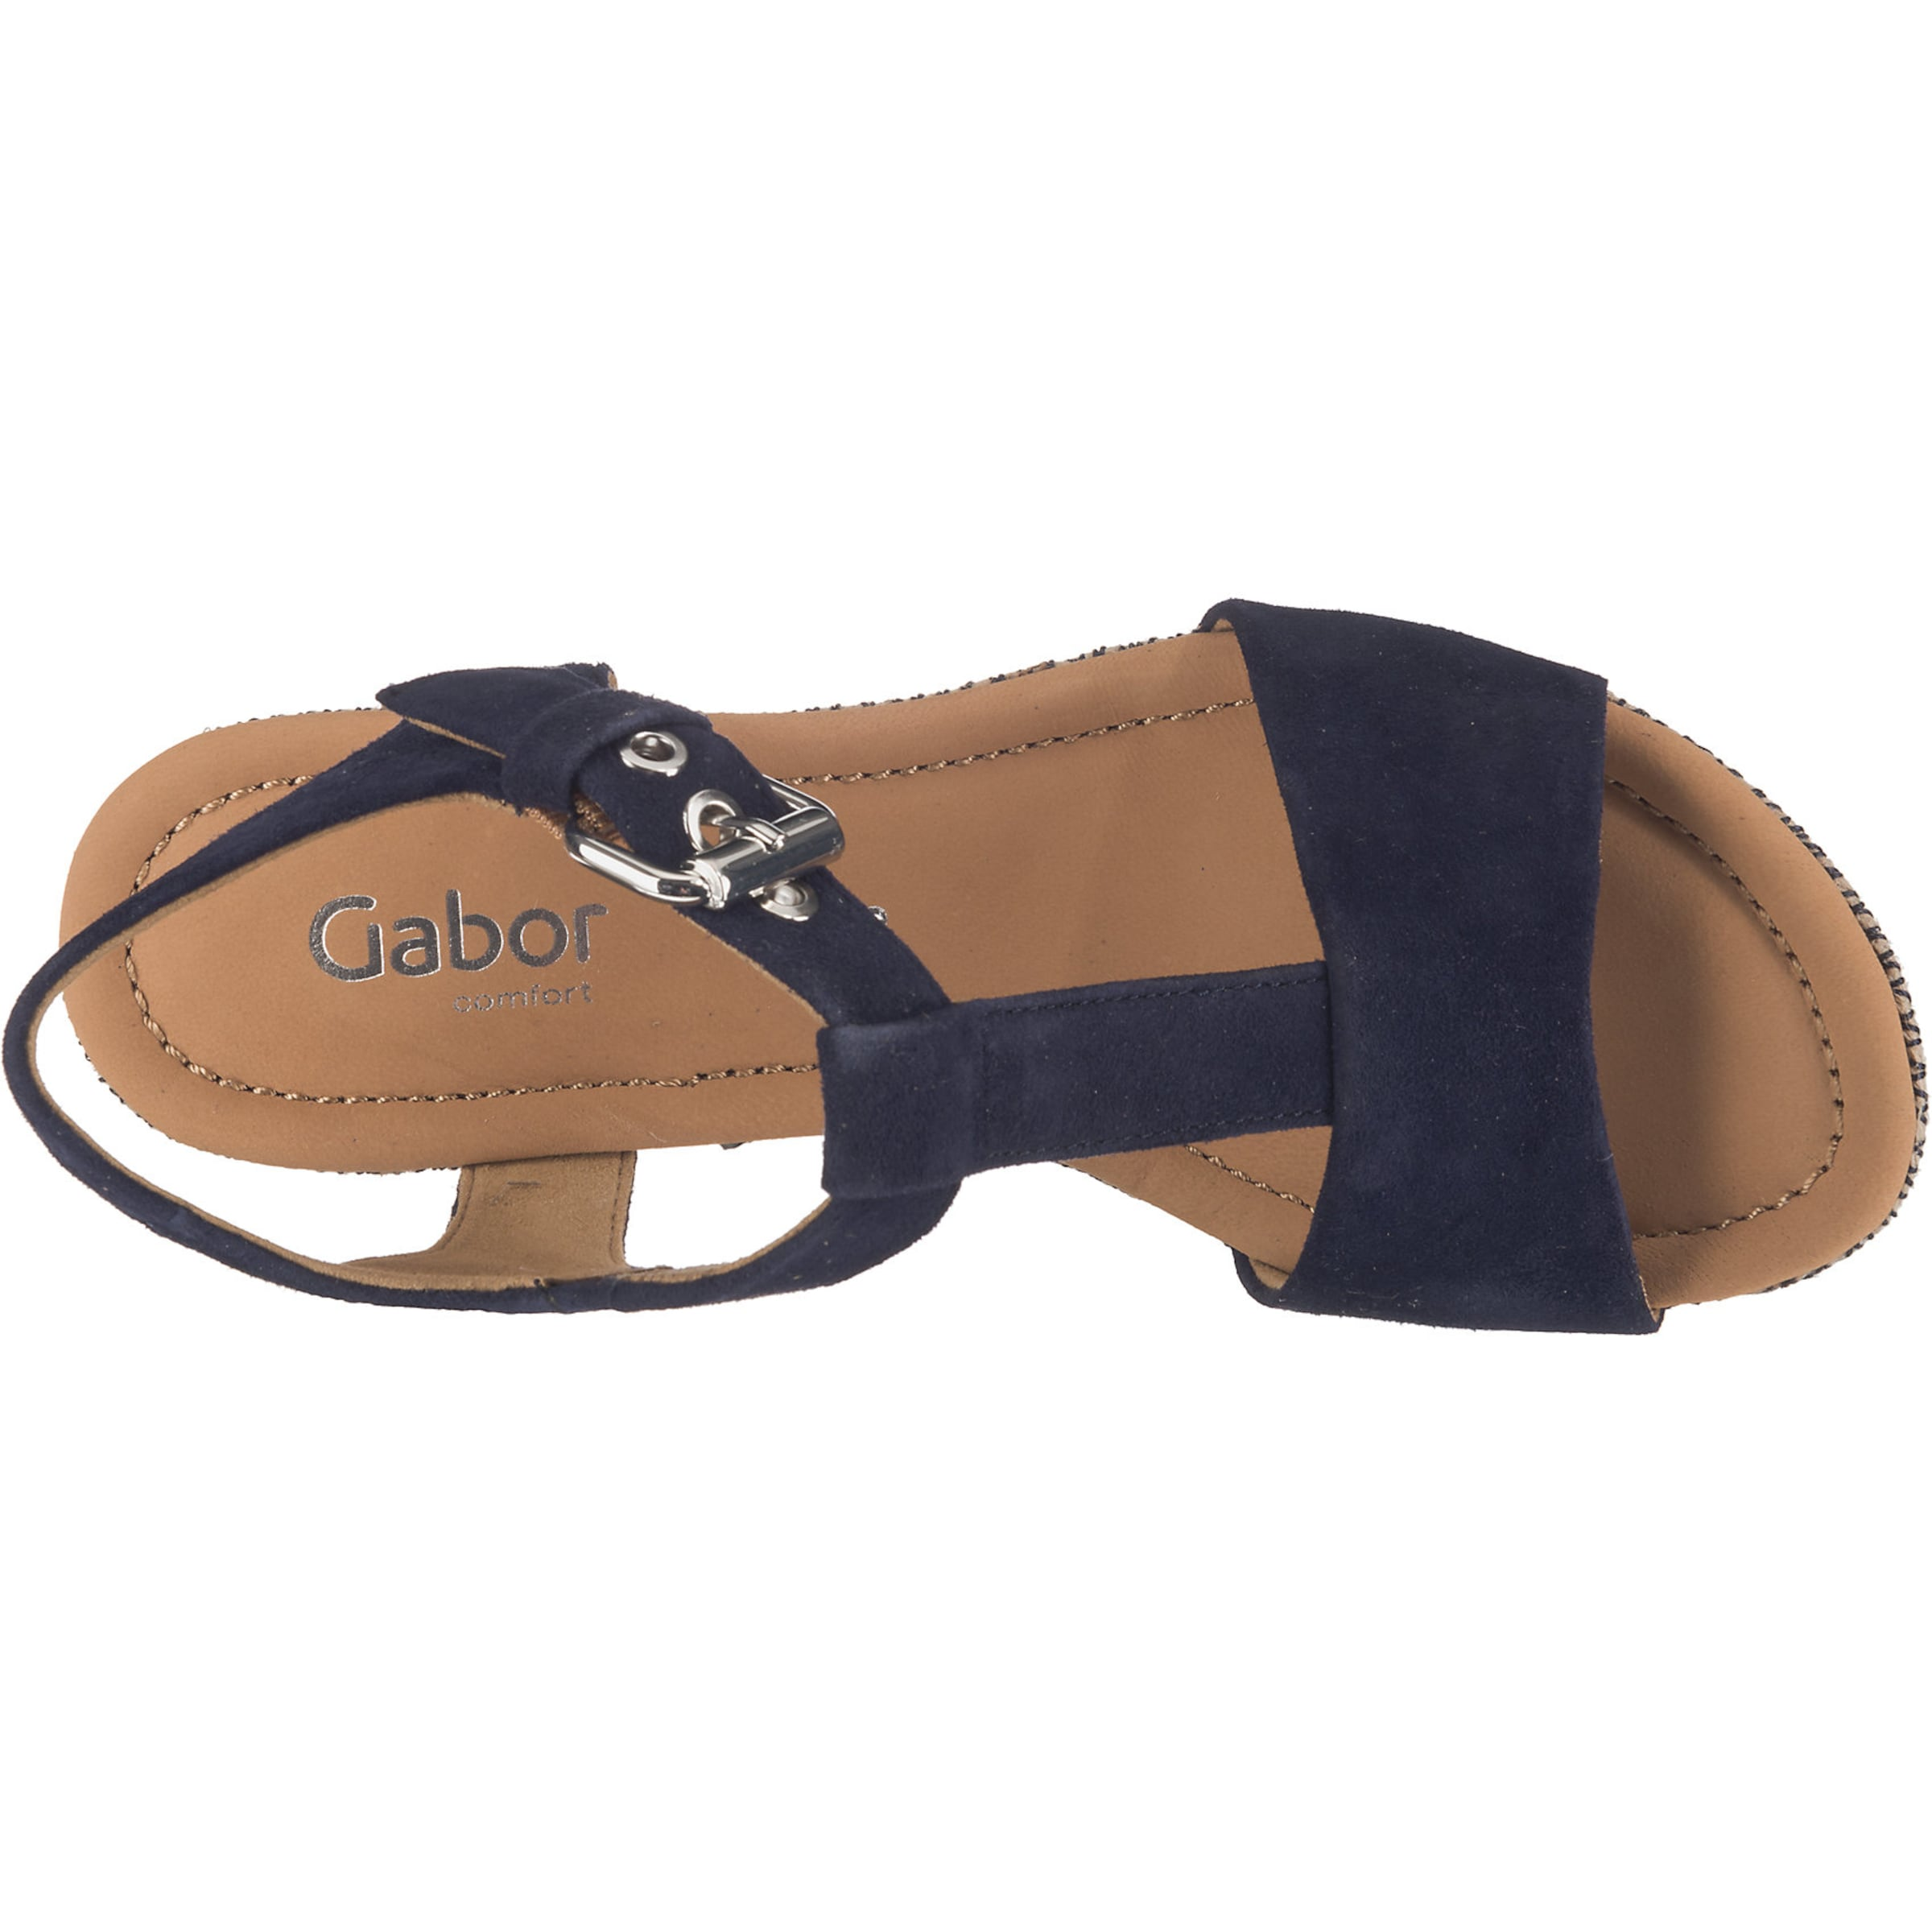 Gabor Gabor Gabor Sandalen Sandalen In Dunkelblau Sandalen In Dunkelblau XiuPOZkT